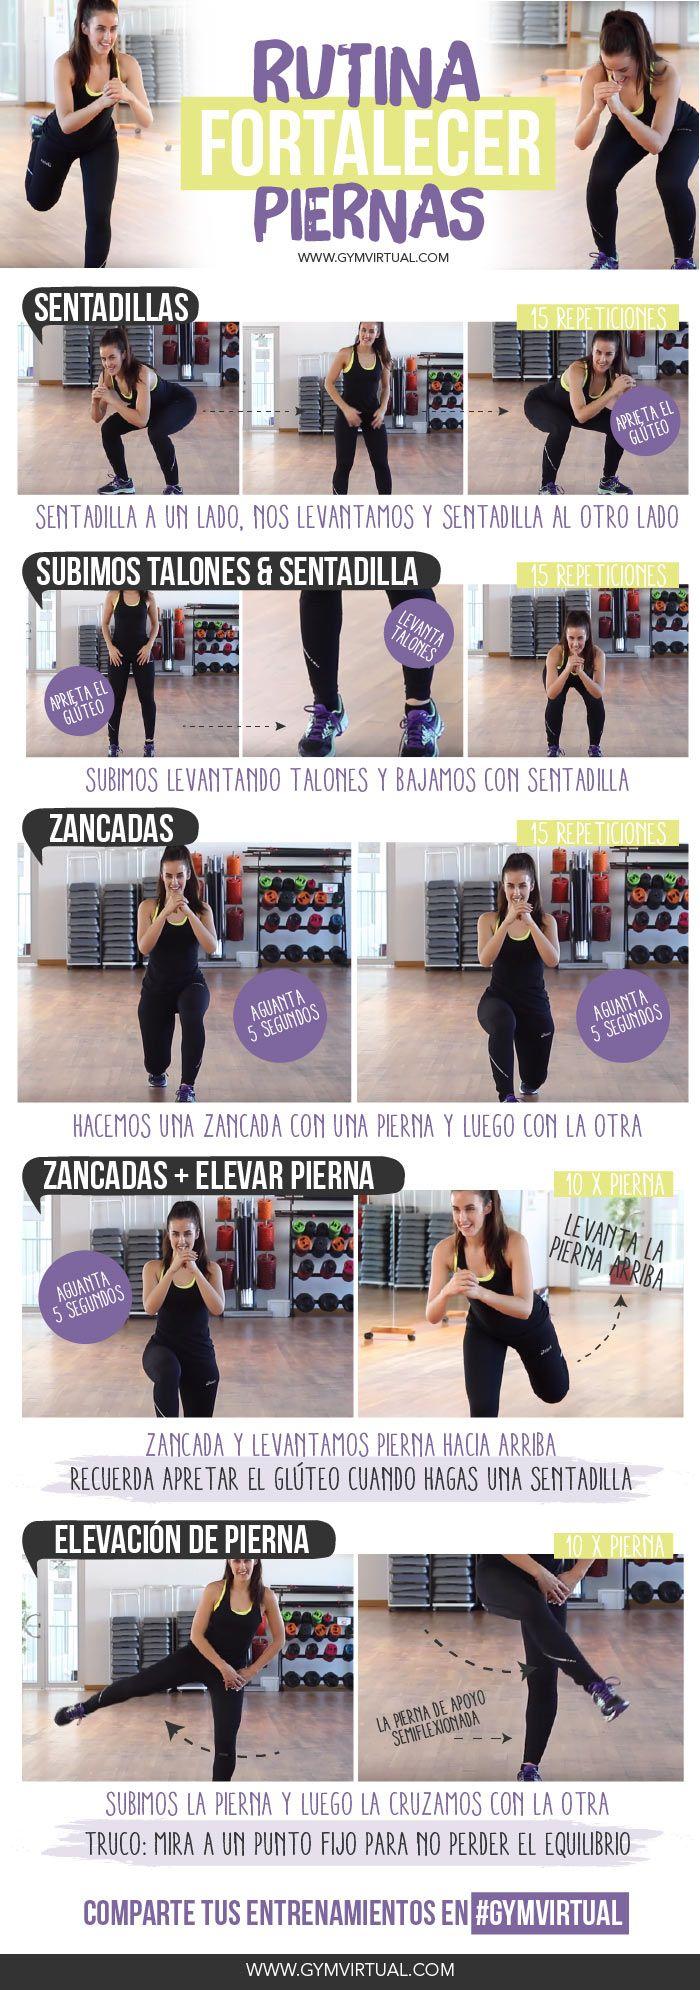 Página No Encontrada Gym Virtual Ejercicios Rutinas De Entrenamiento Ejercicios De Entrenamiento